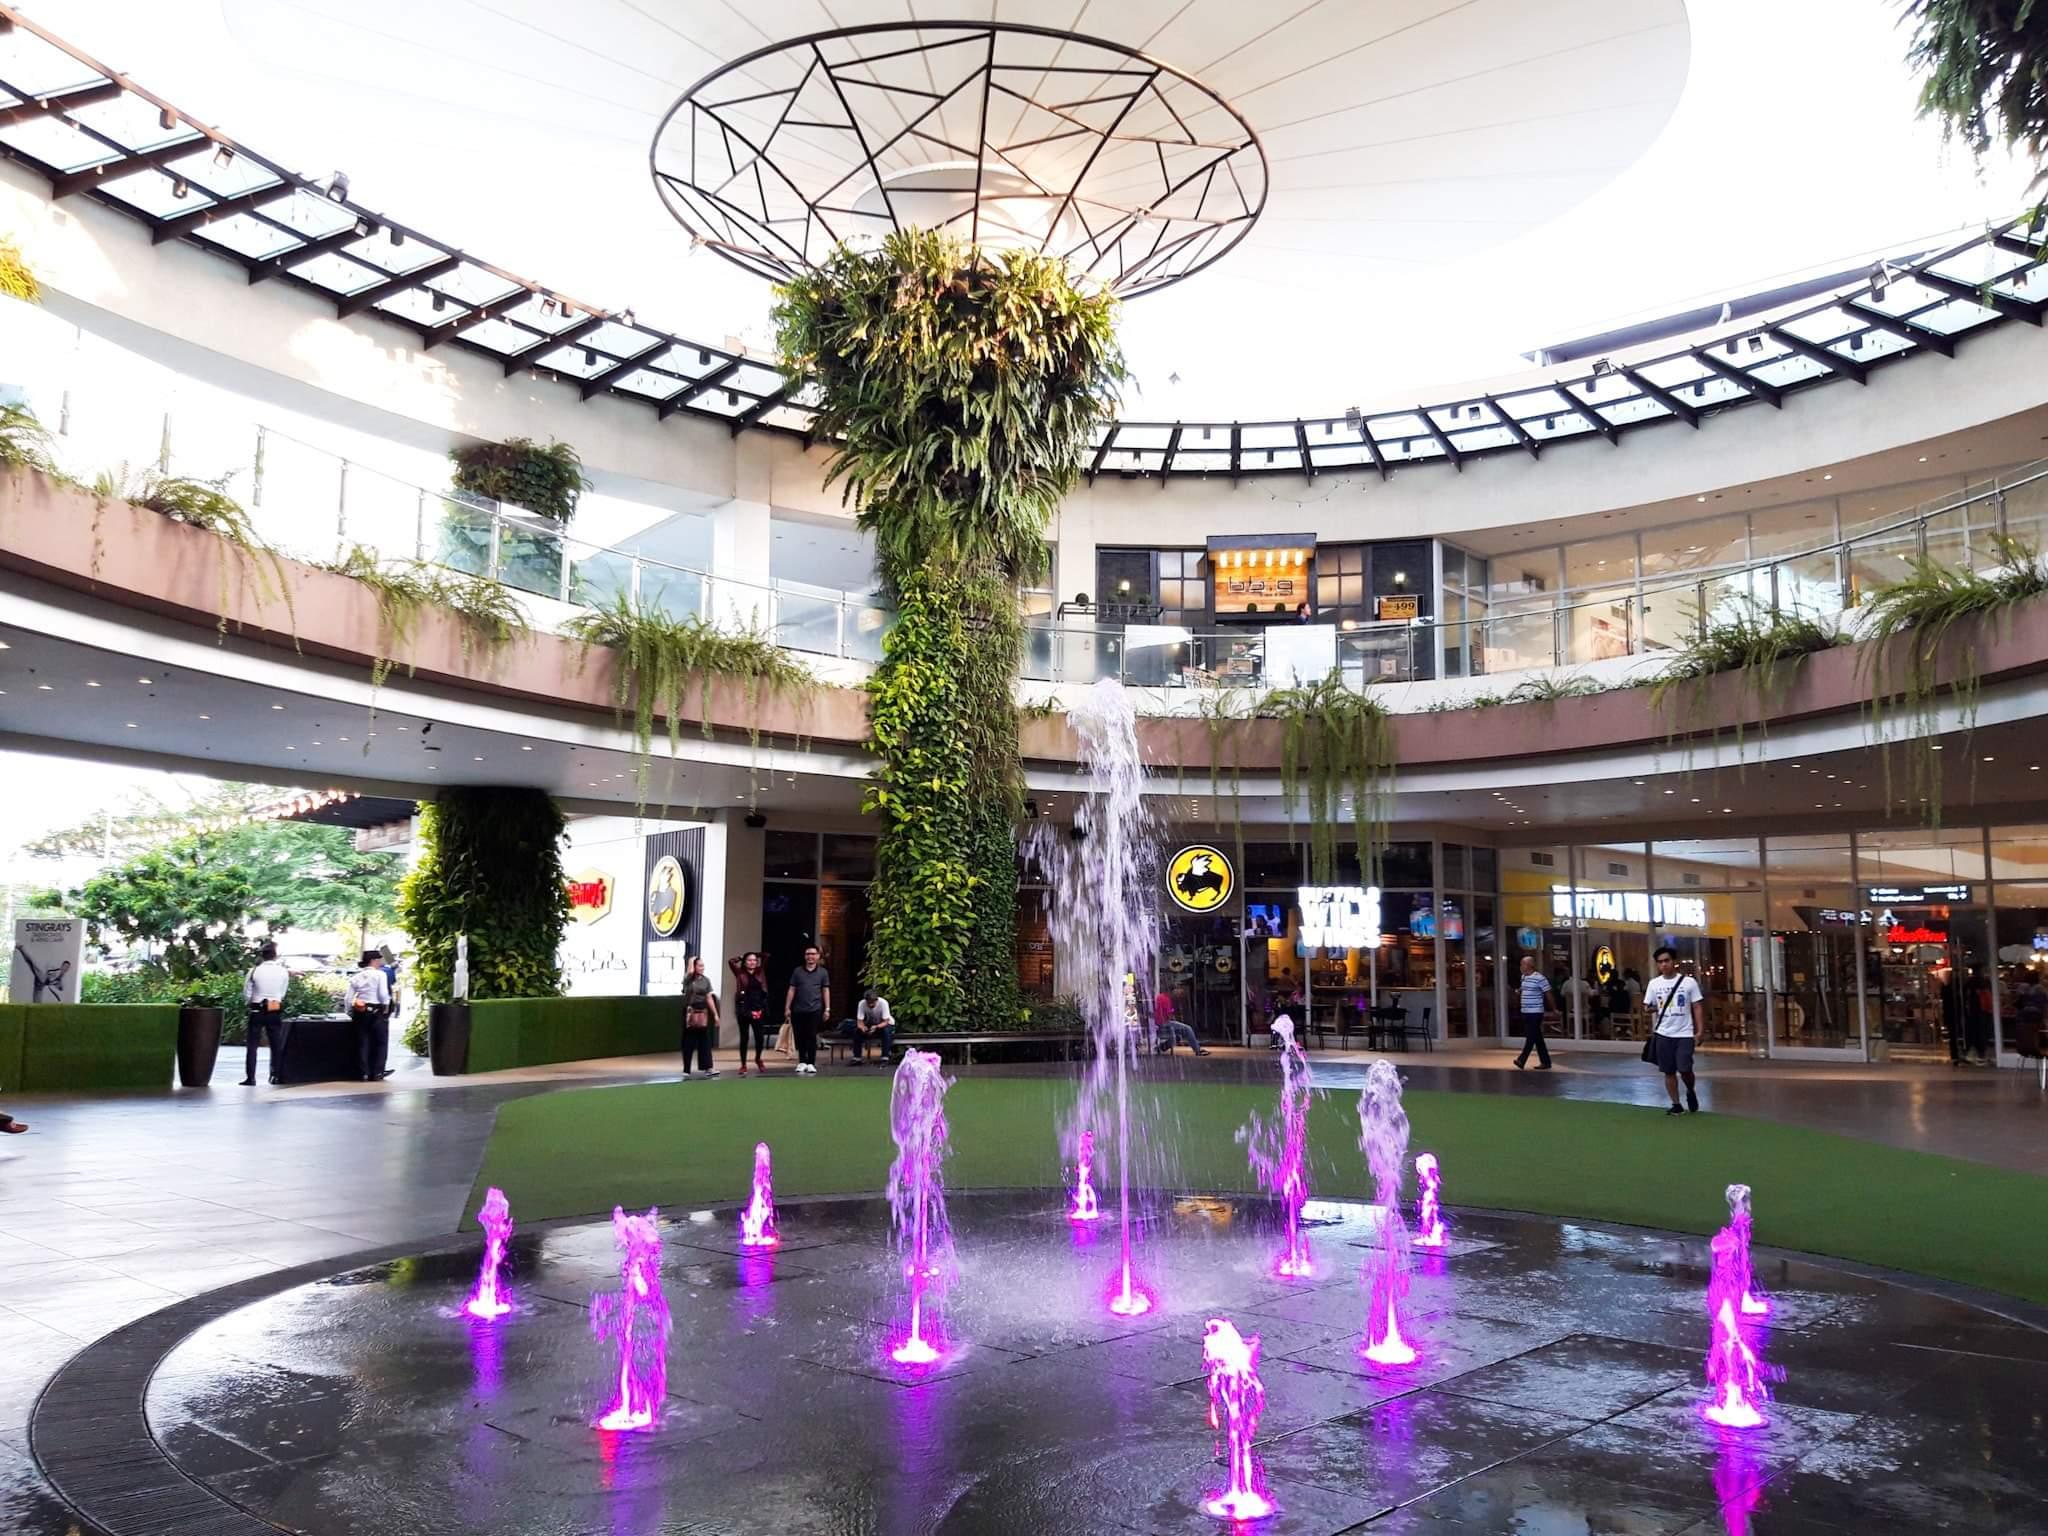 Vista Mall Santa Rosa near Brittany Santa Rosa Luxury homes | Luxury Homes by Brittany Corporation